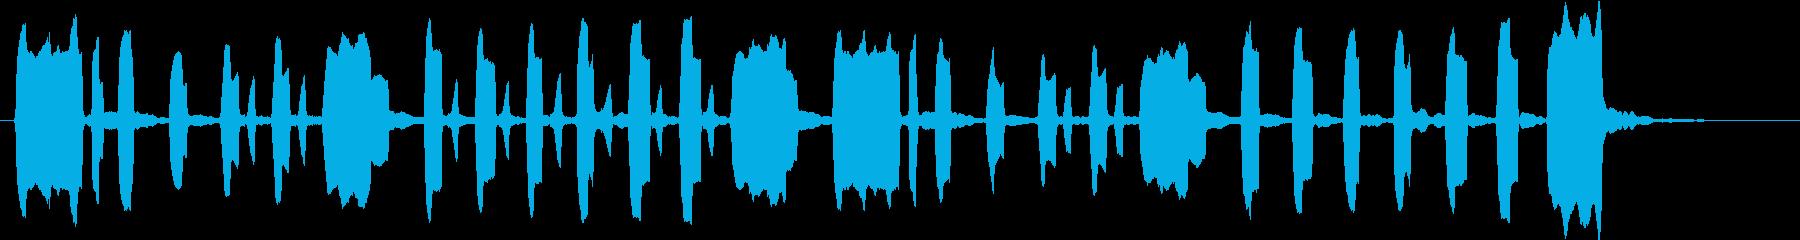 ほのぼのとした短い曲の再生済みの波形